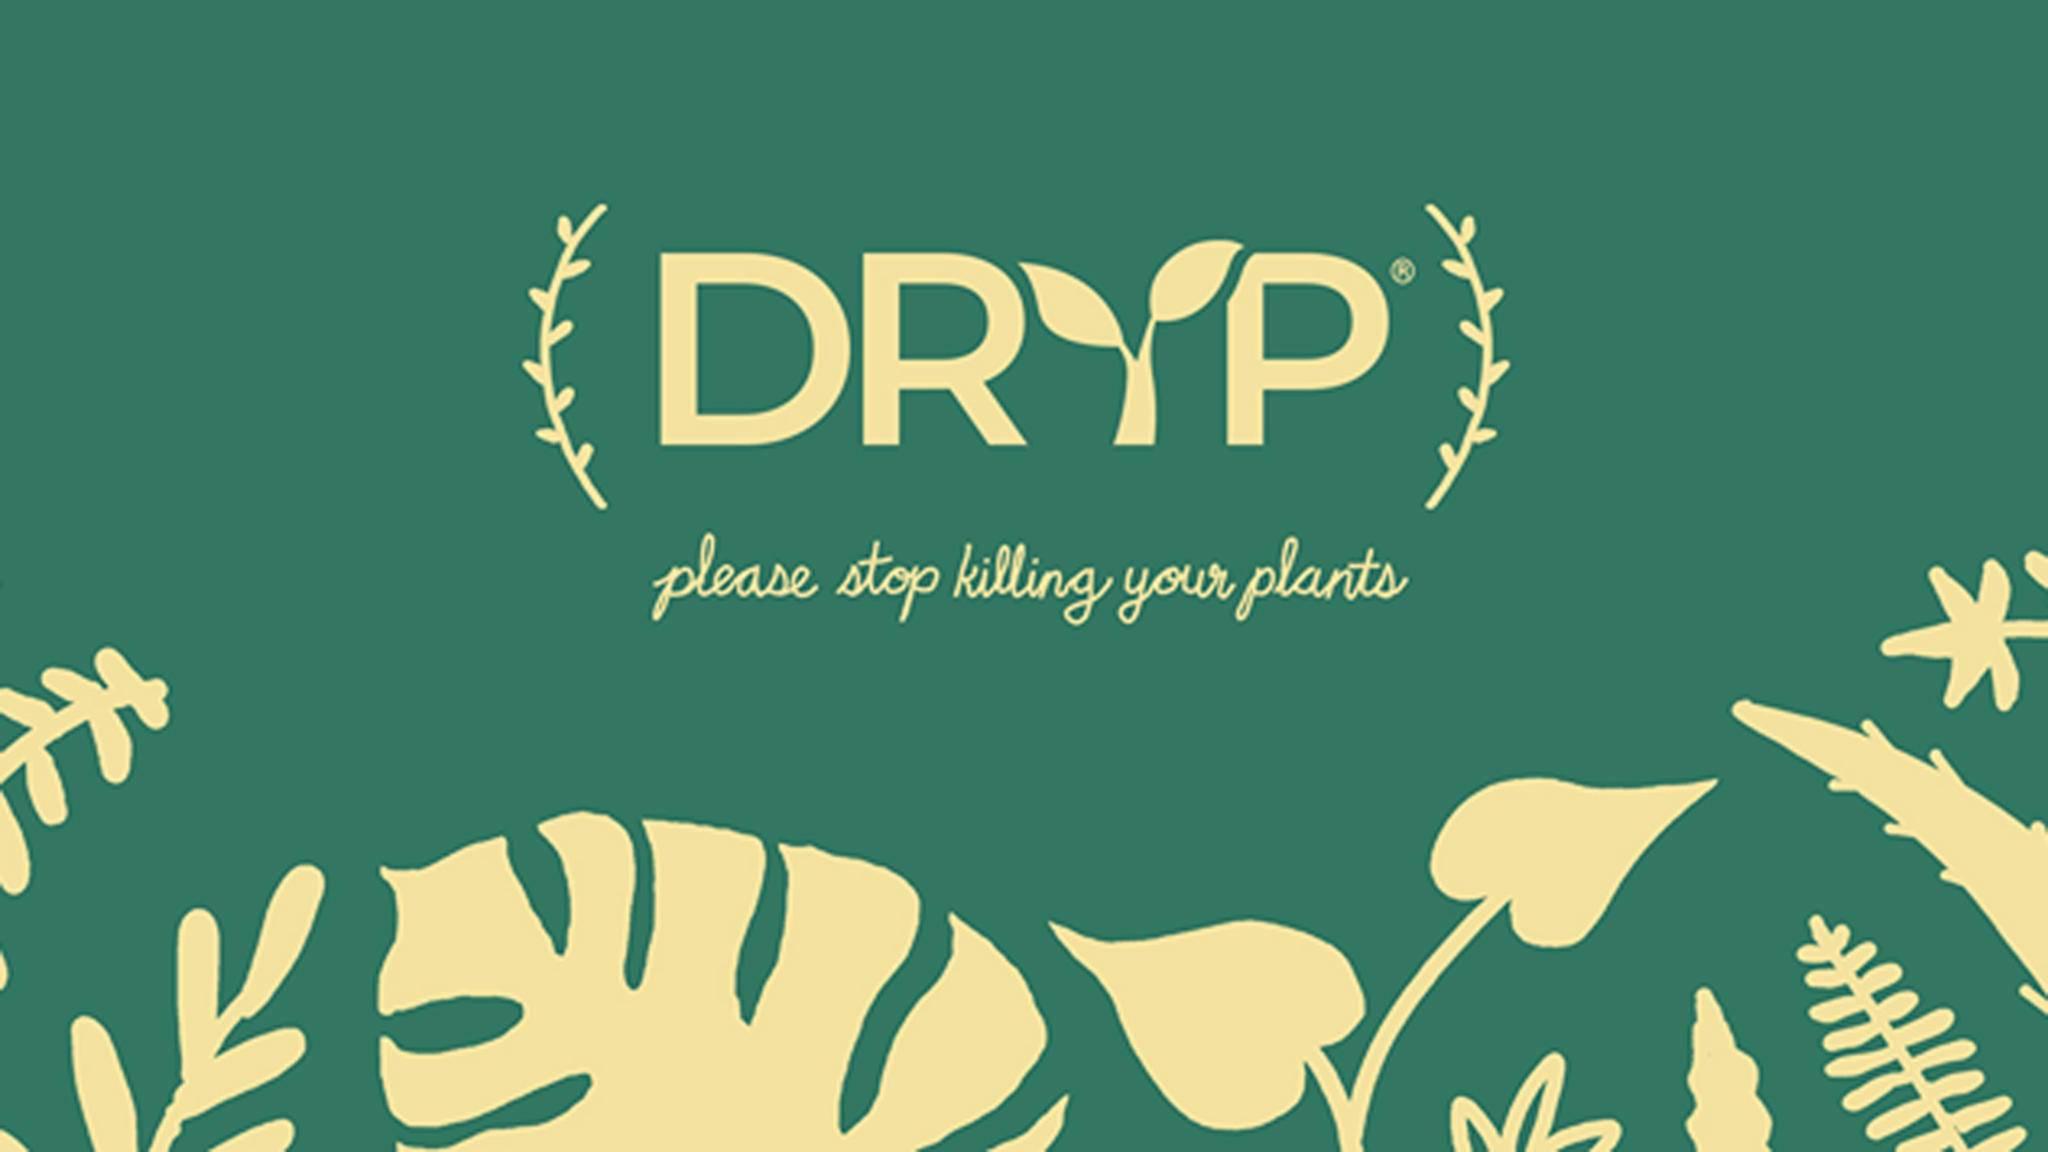 Mit der App Dryp sollen Deine Pflanzen nie wieder vertrocknen oder überwässert werden.